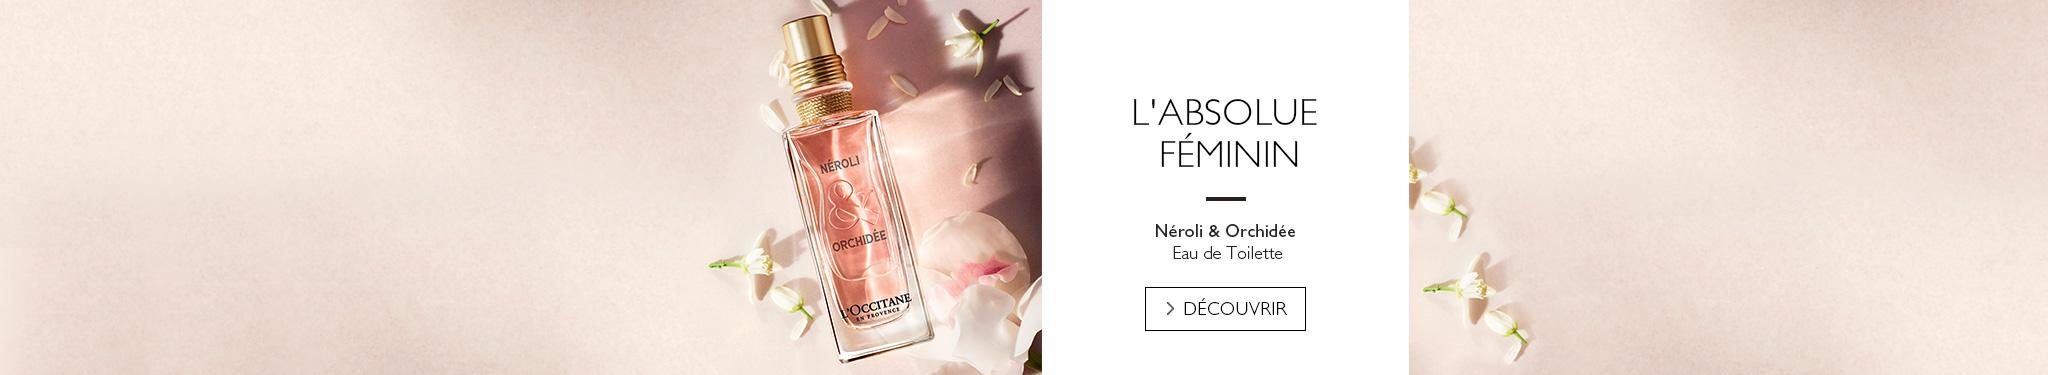 Collection Néroli & Orchidée | L'Occitane